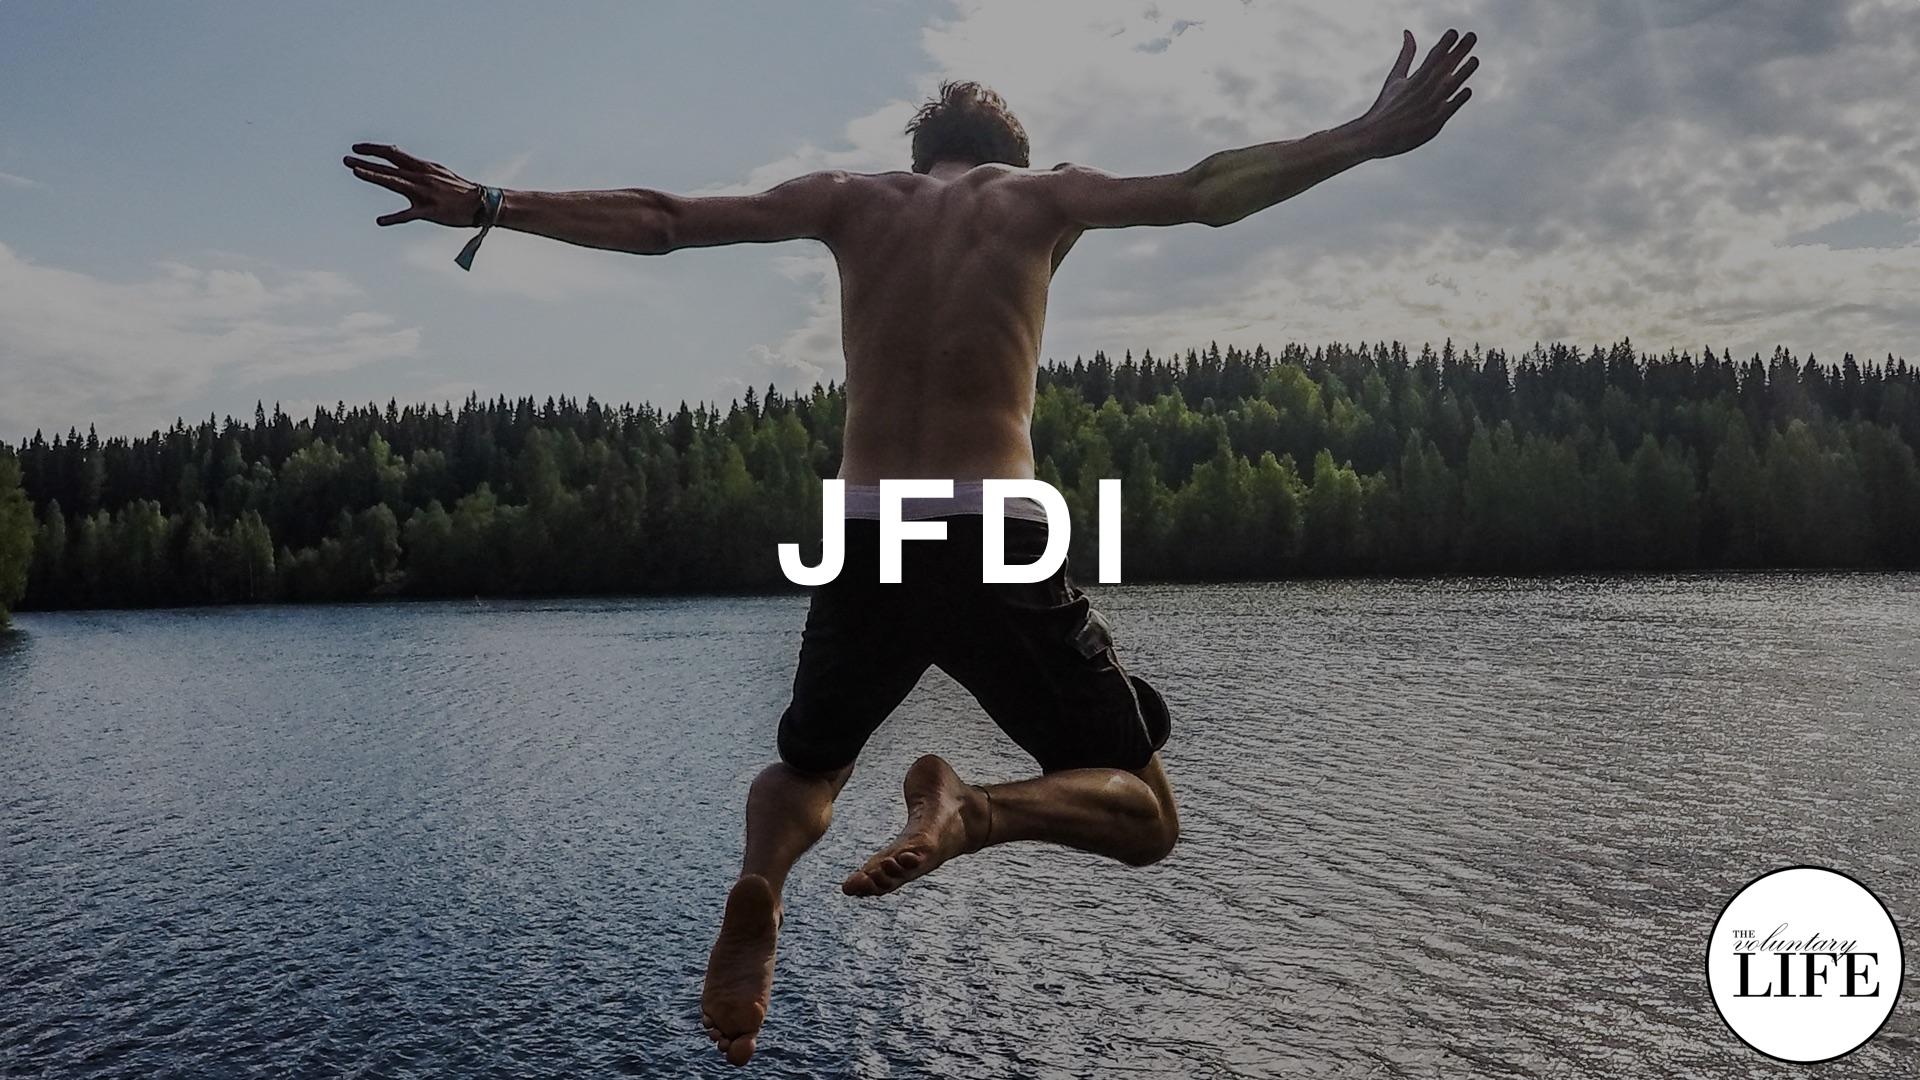 91 Entrepreneurship Part 12: JFDI